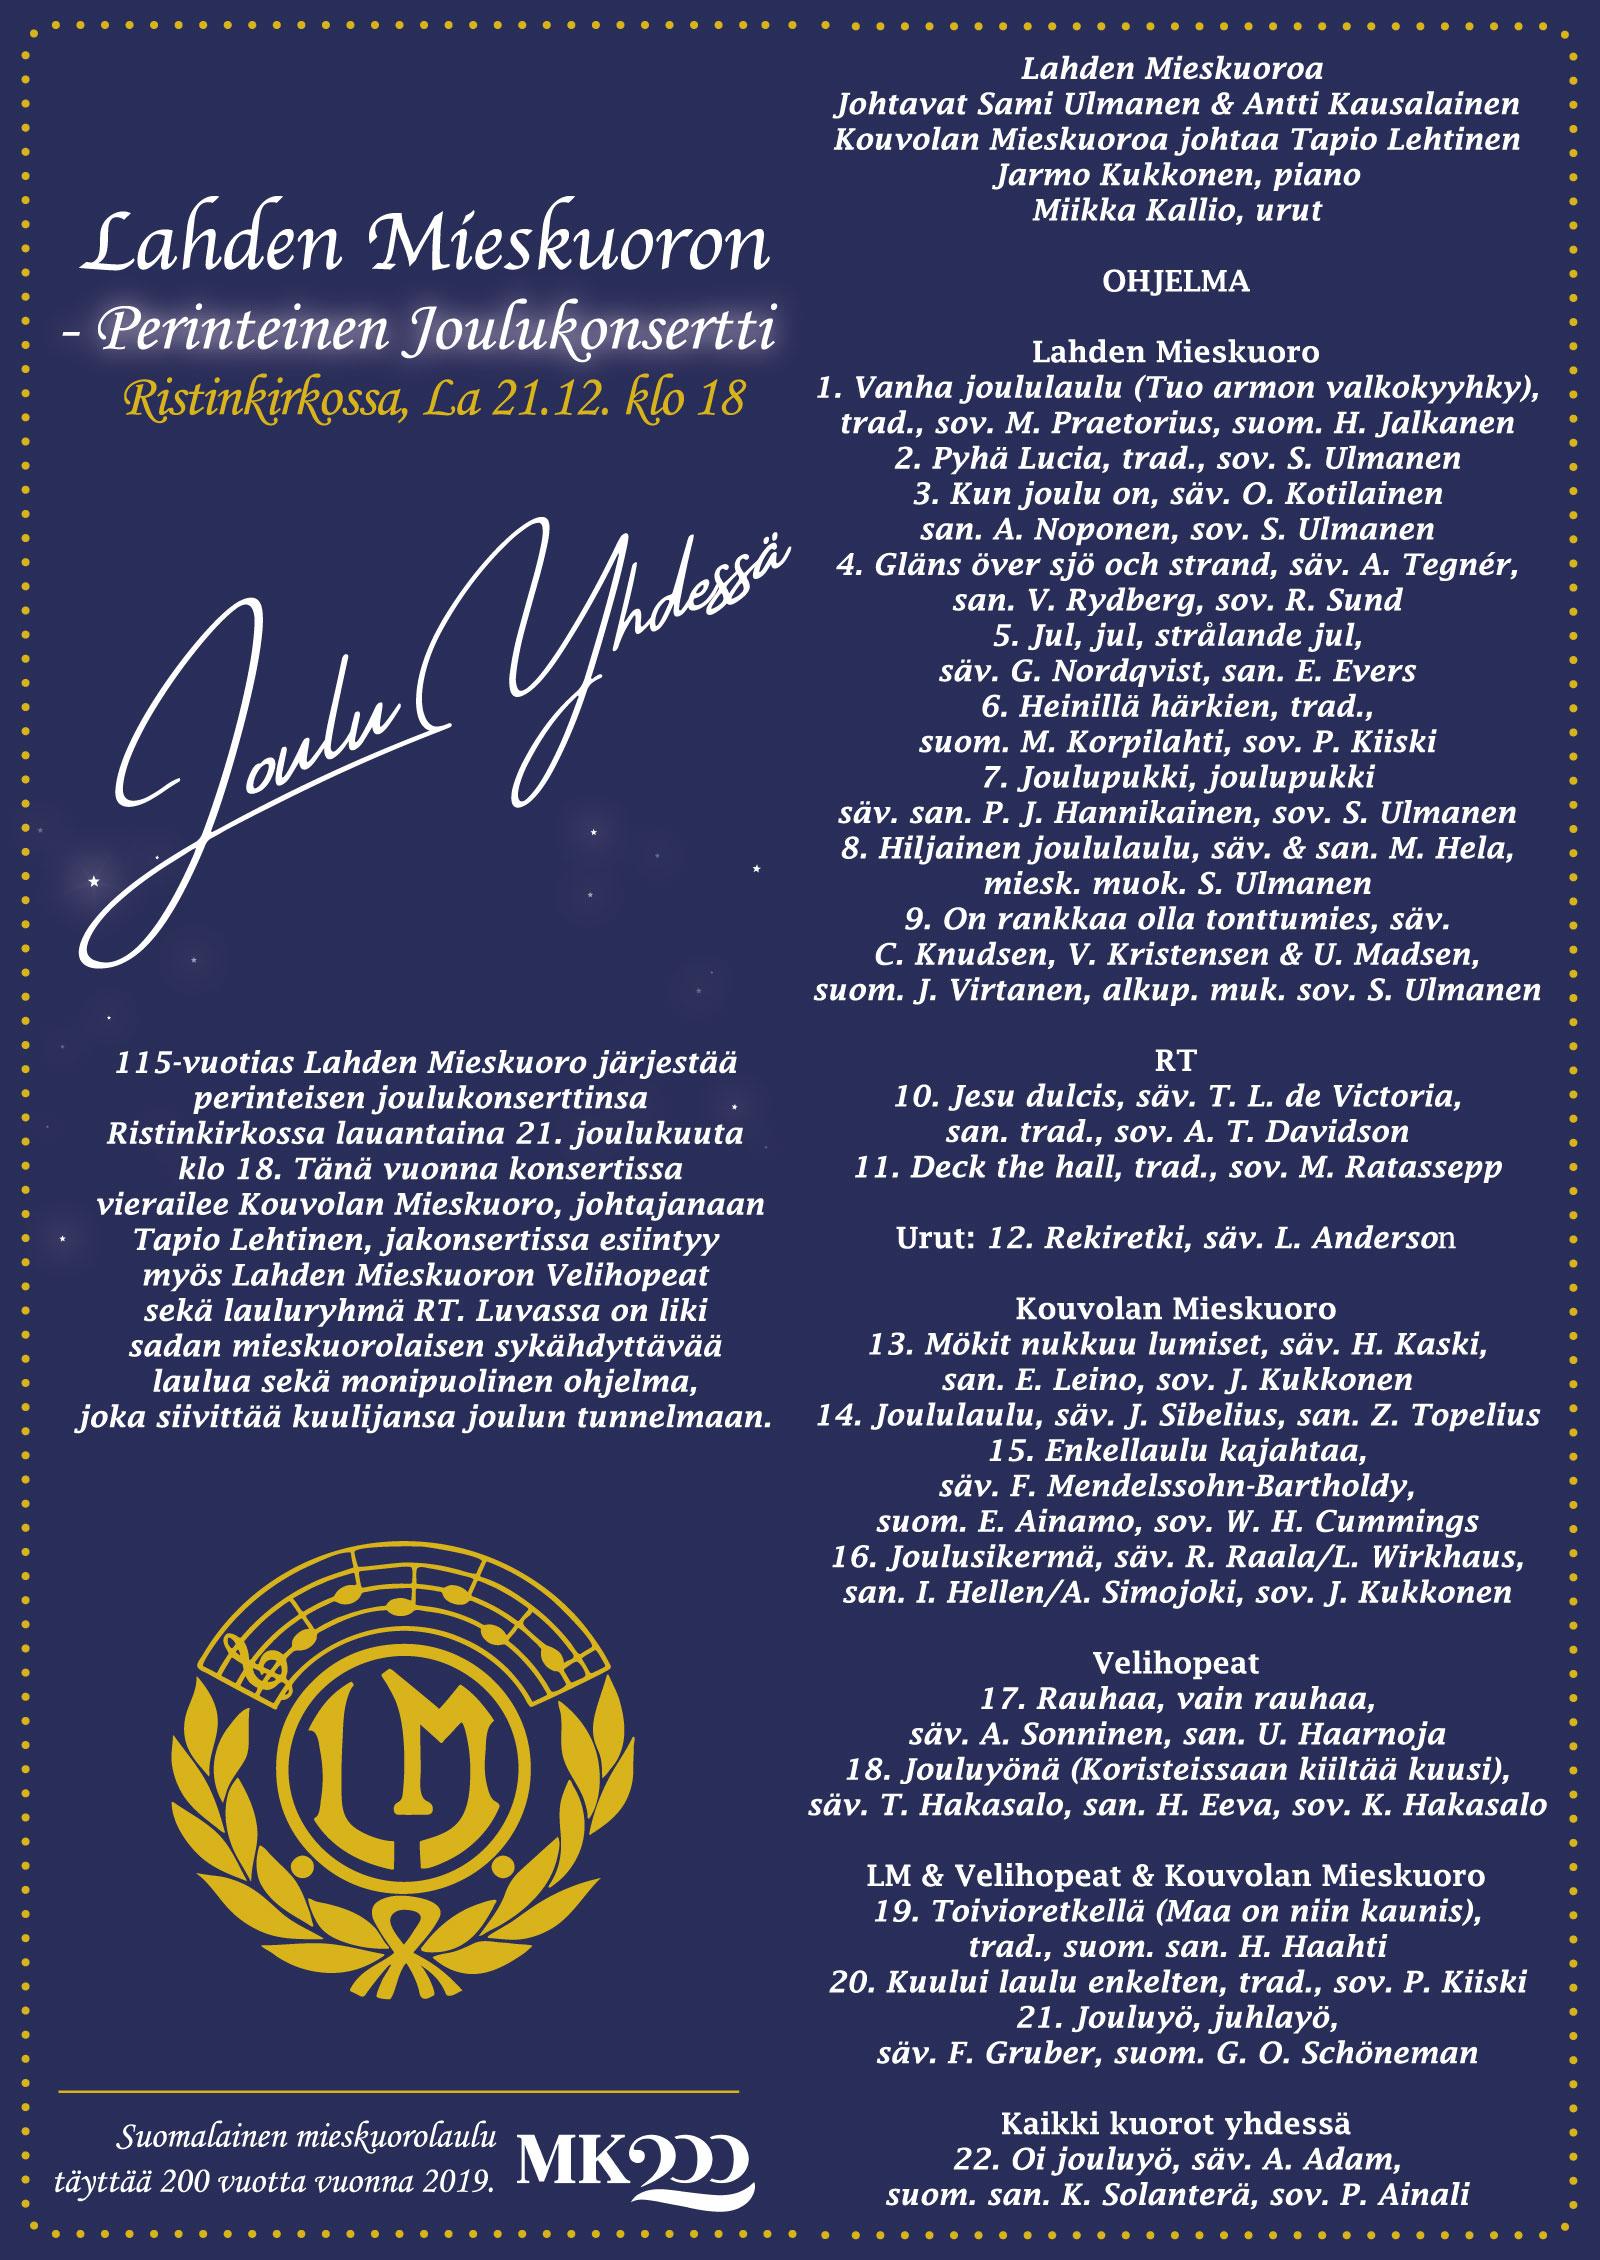 Lahden Mieskuoron perinteinen Joulukonsertti Lahden Ristinkirkossa. Varaa lippusi kuoro veljiltä tai Optikko Mäkelä, Hämeenkatu 16